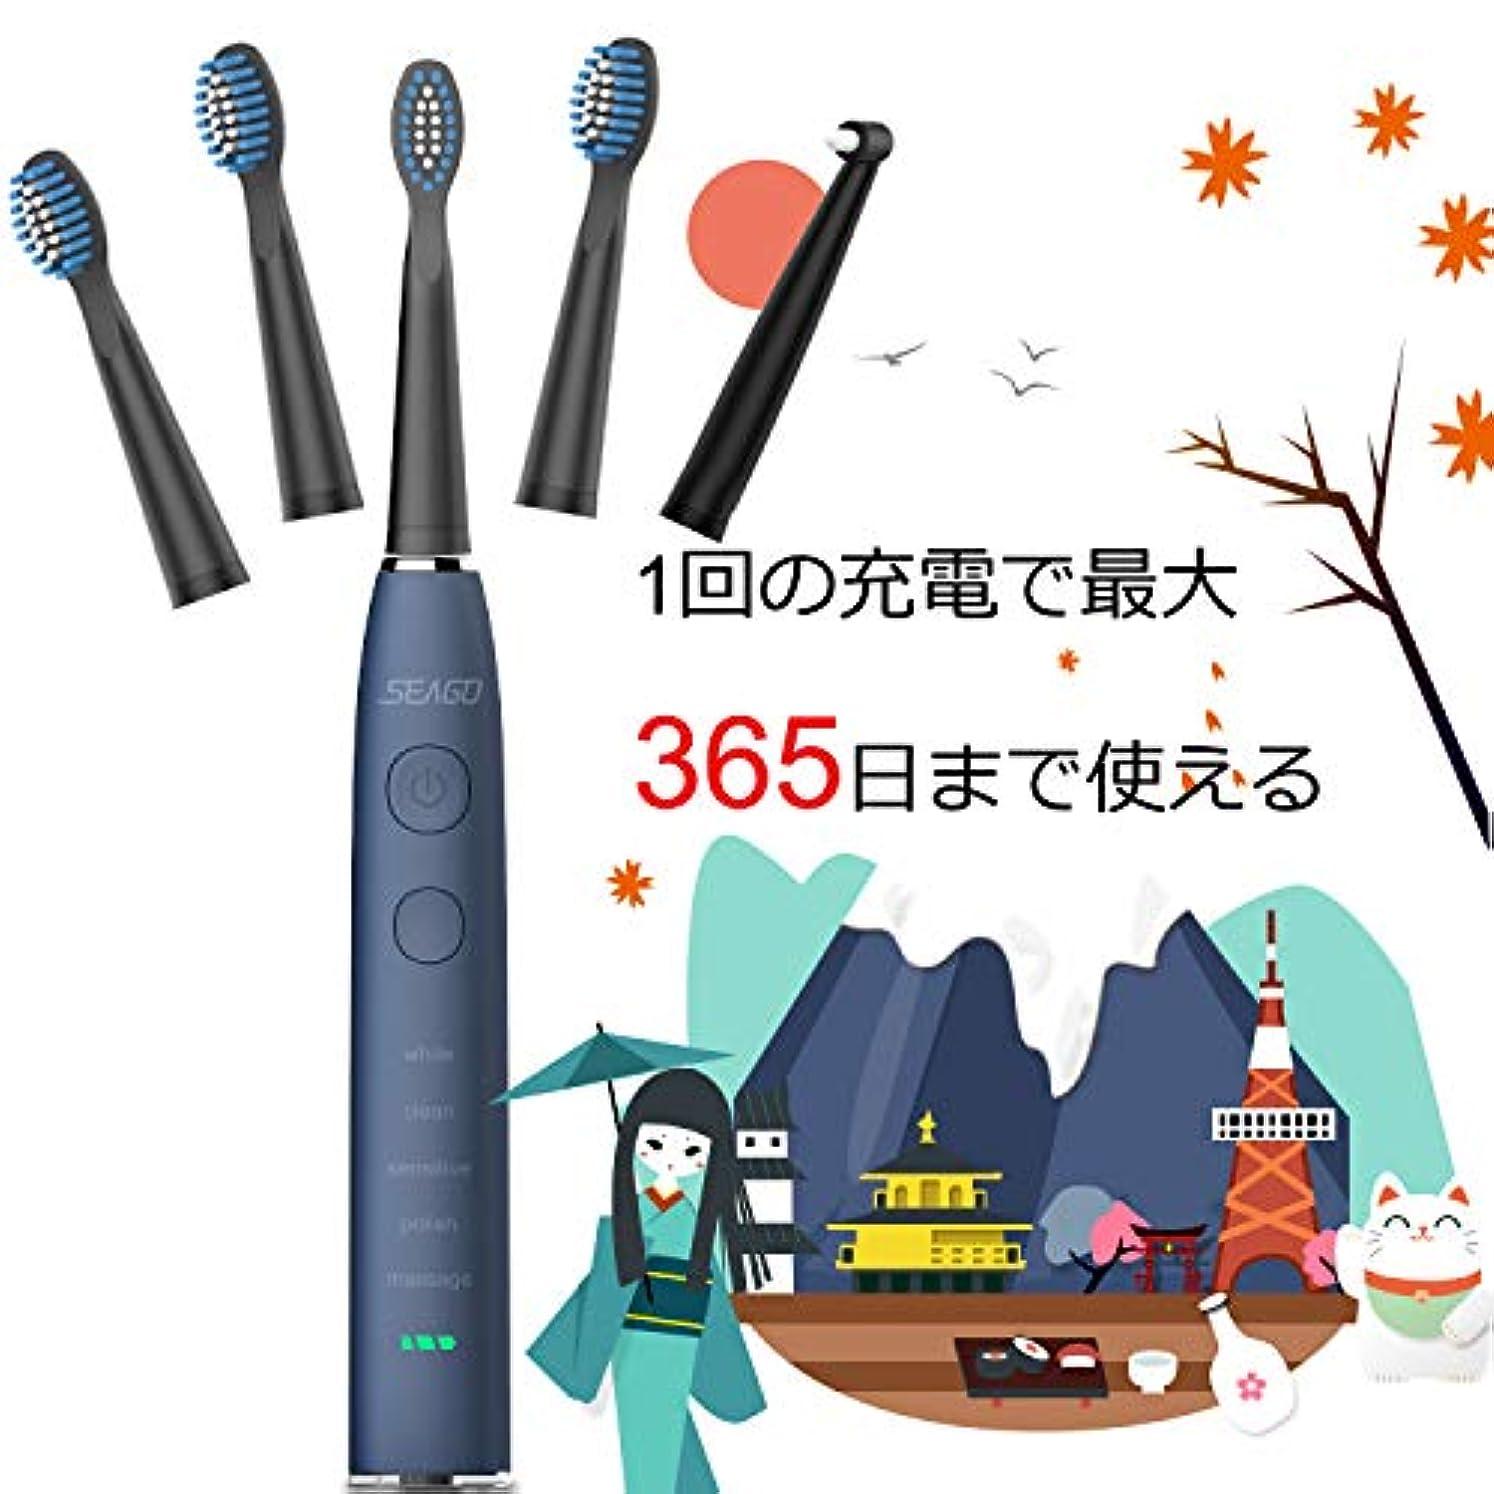 わざわざ熟考する理論電動歯ブラシ 歯ブラシ seago 音波歯ブラシ USB充電式8時間 365日に使用 IPX7防水 五つモードと2分オートタイマー機能搭載 替えブラシ5本 12ヶ月メーカー保証 SG-575(ブルー)